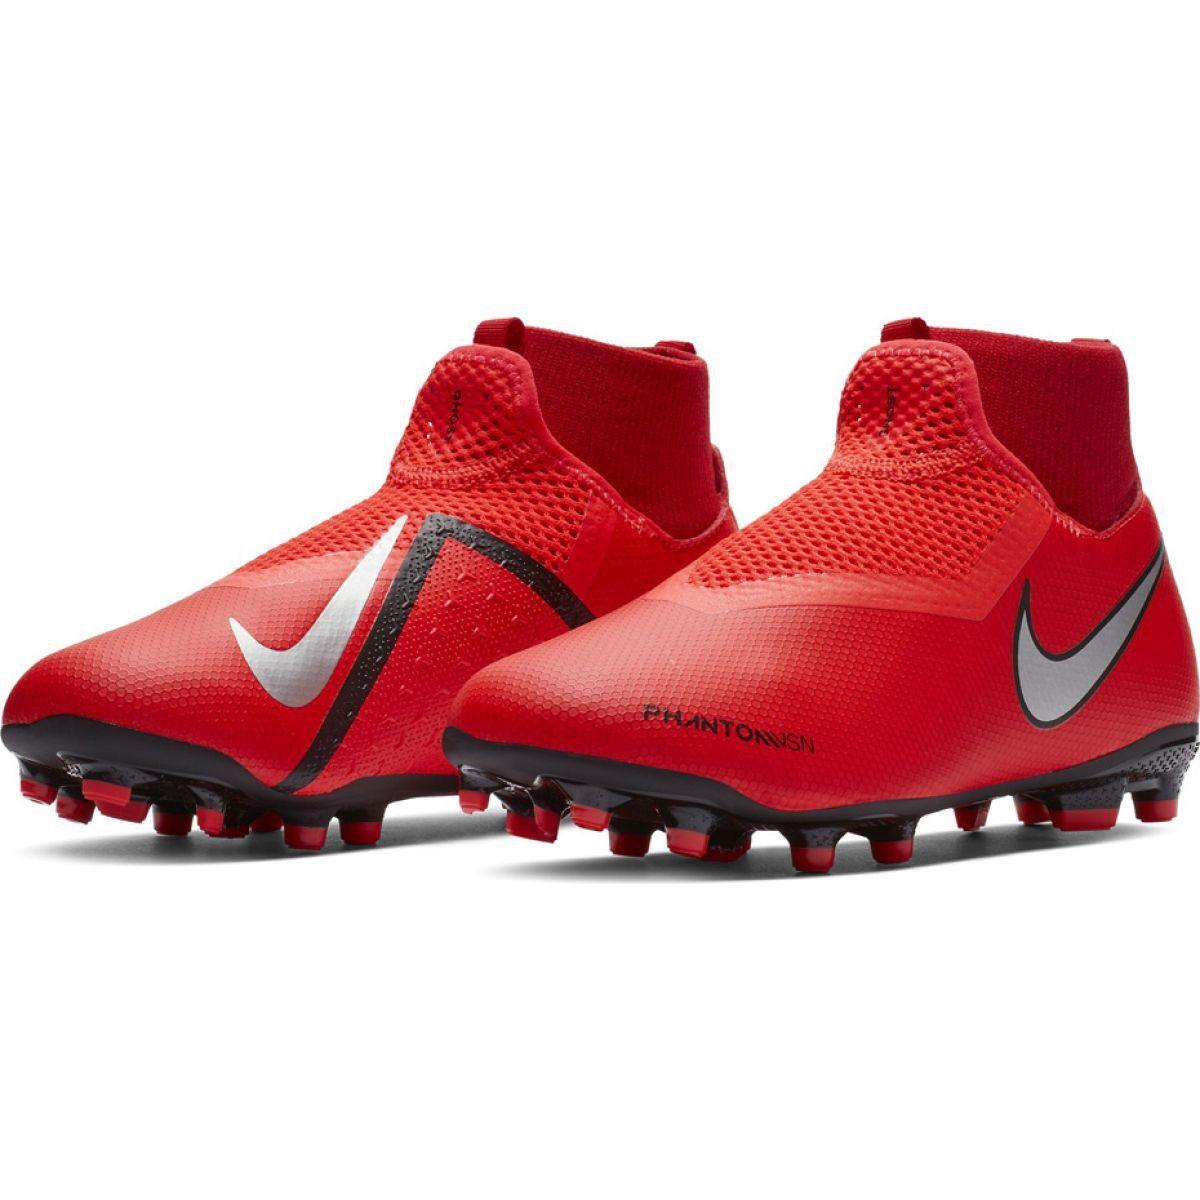 Buty Pilkarskie Nike Phantom Vsn Academy Df Fg Mg Jr Ao3287 600 Czerwone Czerwone